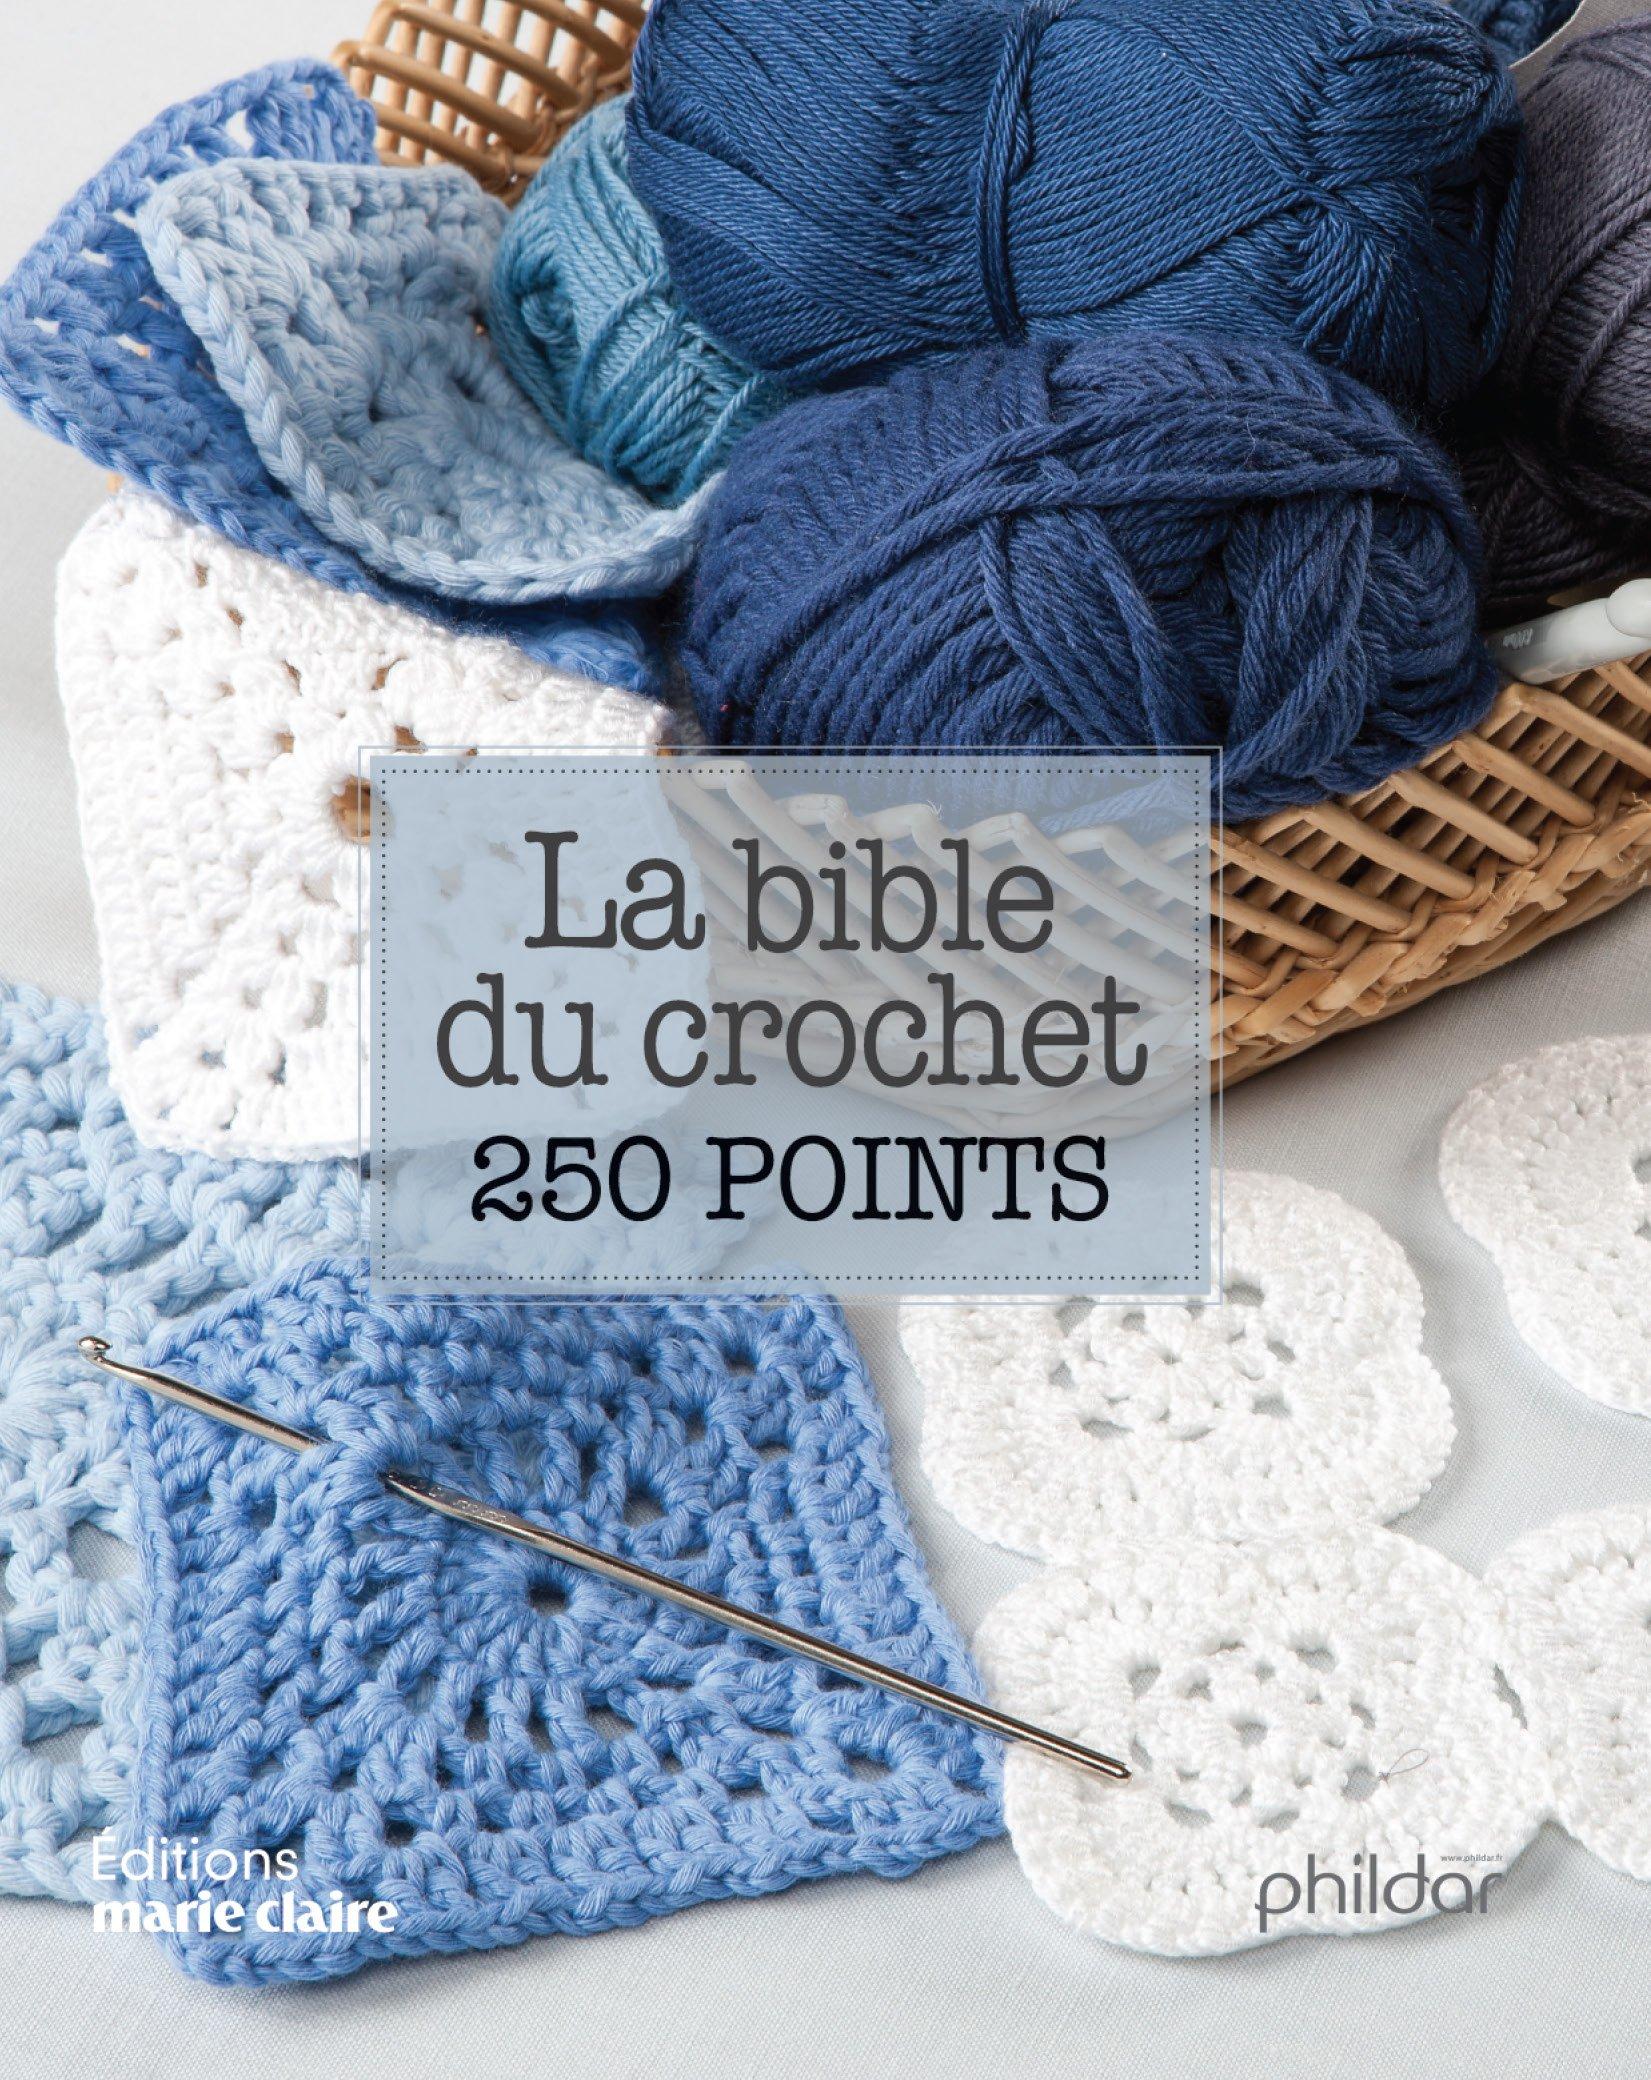 La bible du crochet en 250 points: Amazon.es: Marie Claire, Marie ...